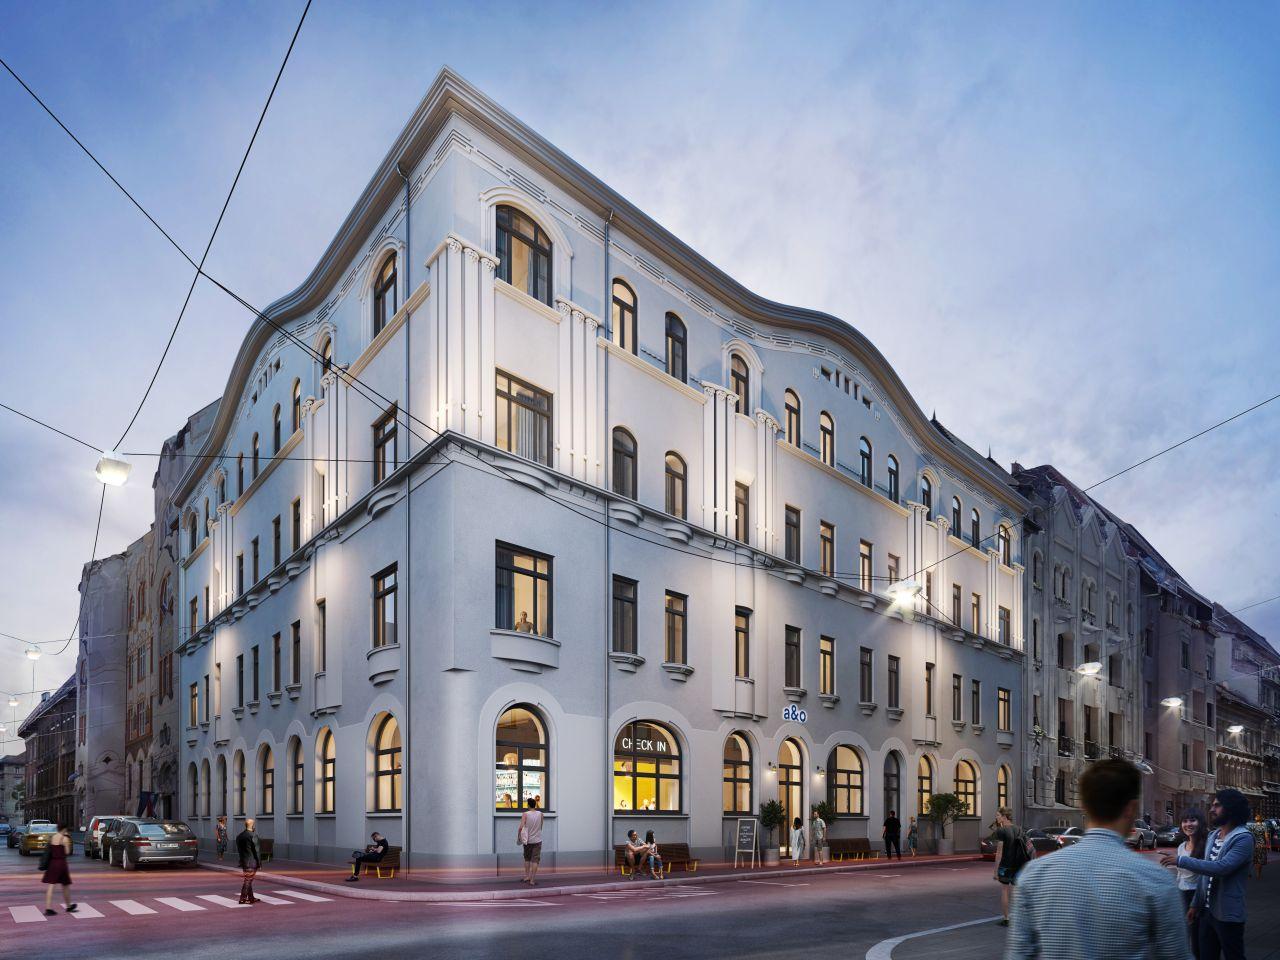 3 nap/2 éjszaka Budapesten 2 fő és 2 gyermek részére reggelivel - A&O Hotels Budapest City